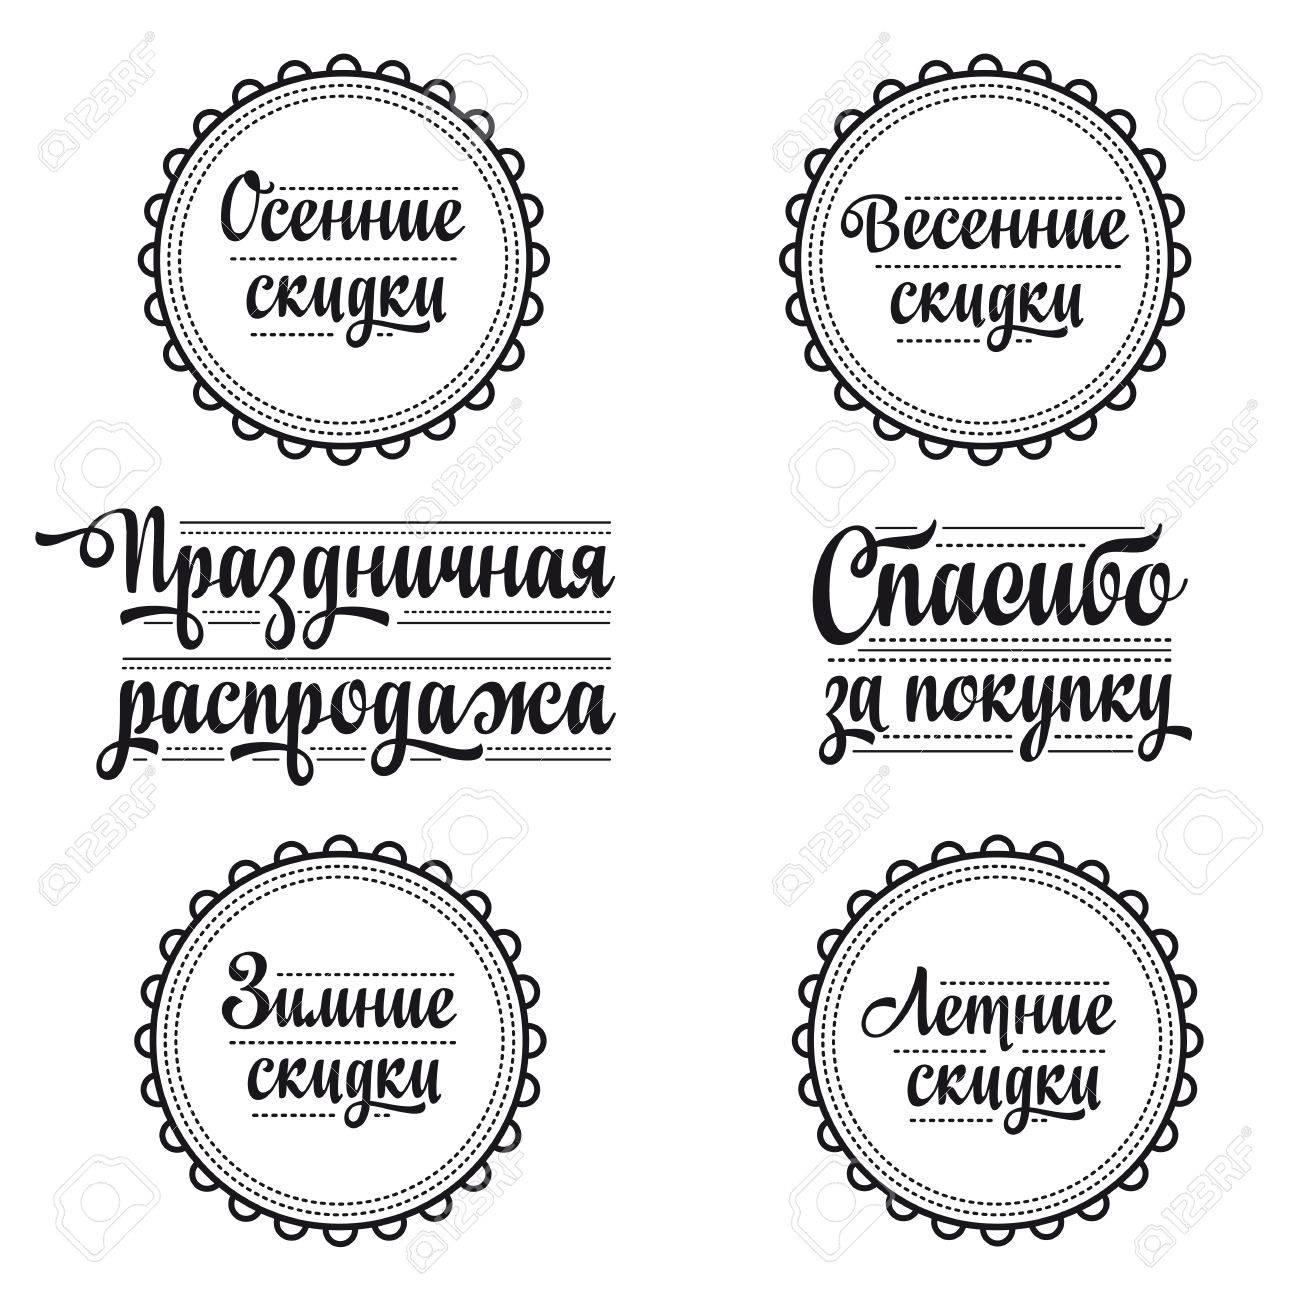 police cyrillique russe